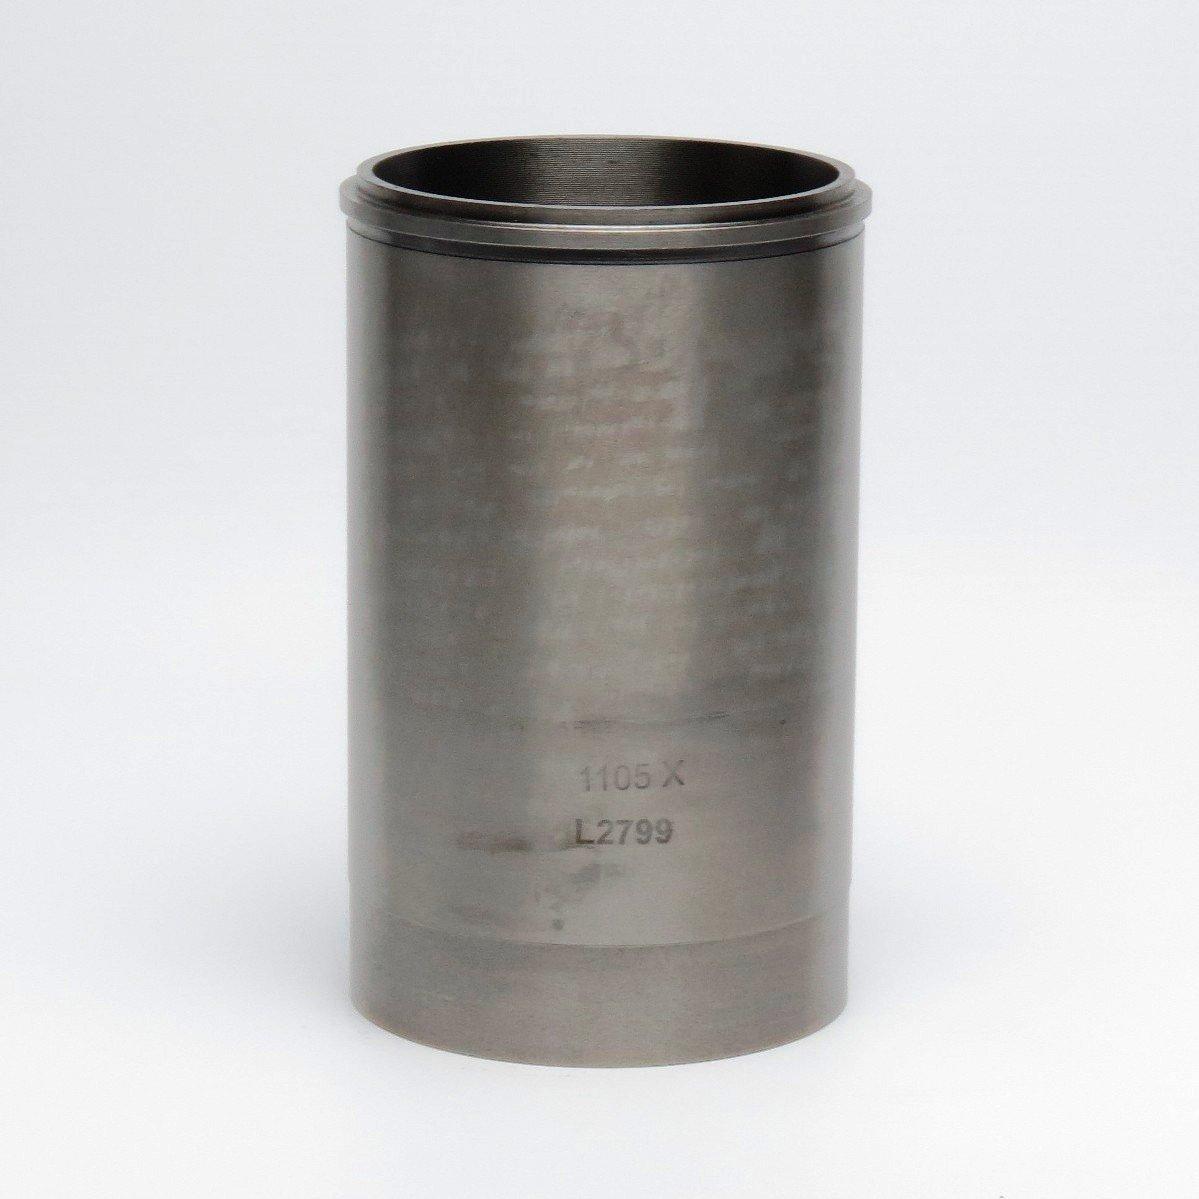 L 2799 - Cylinder Repair Liner